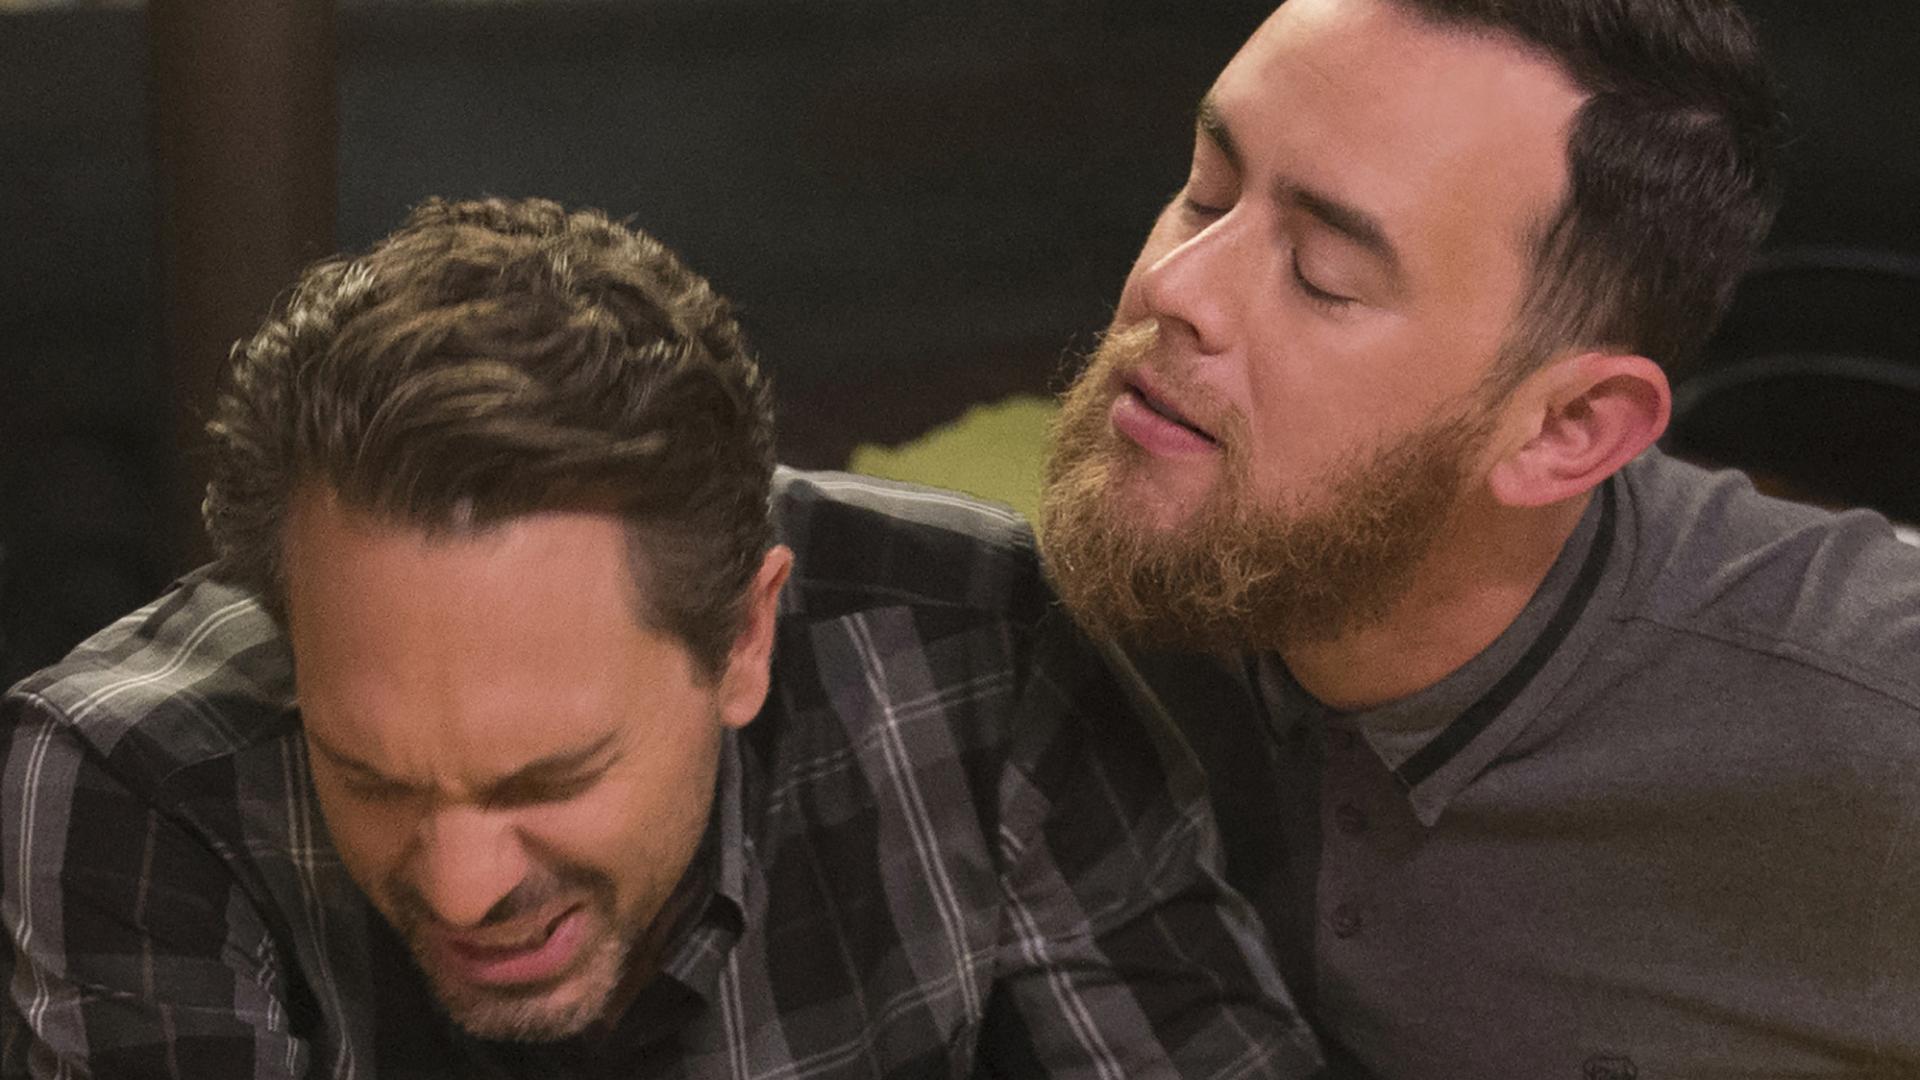 Greg's beard doesn't sit well with Matt.